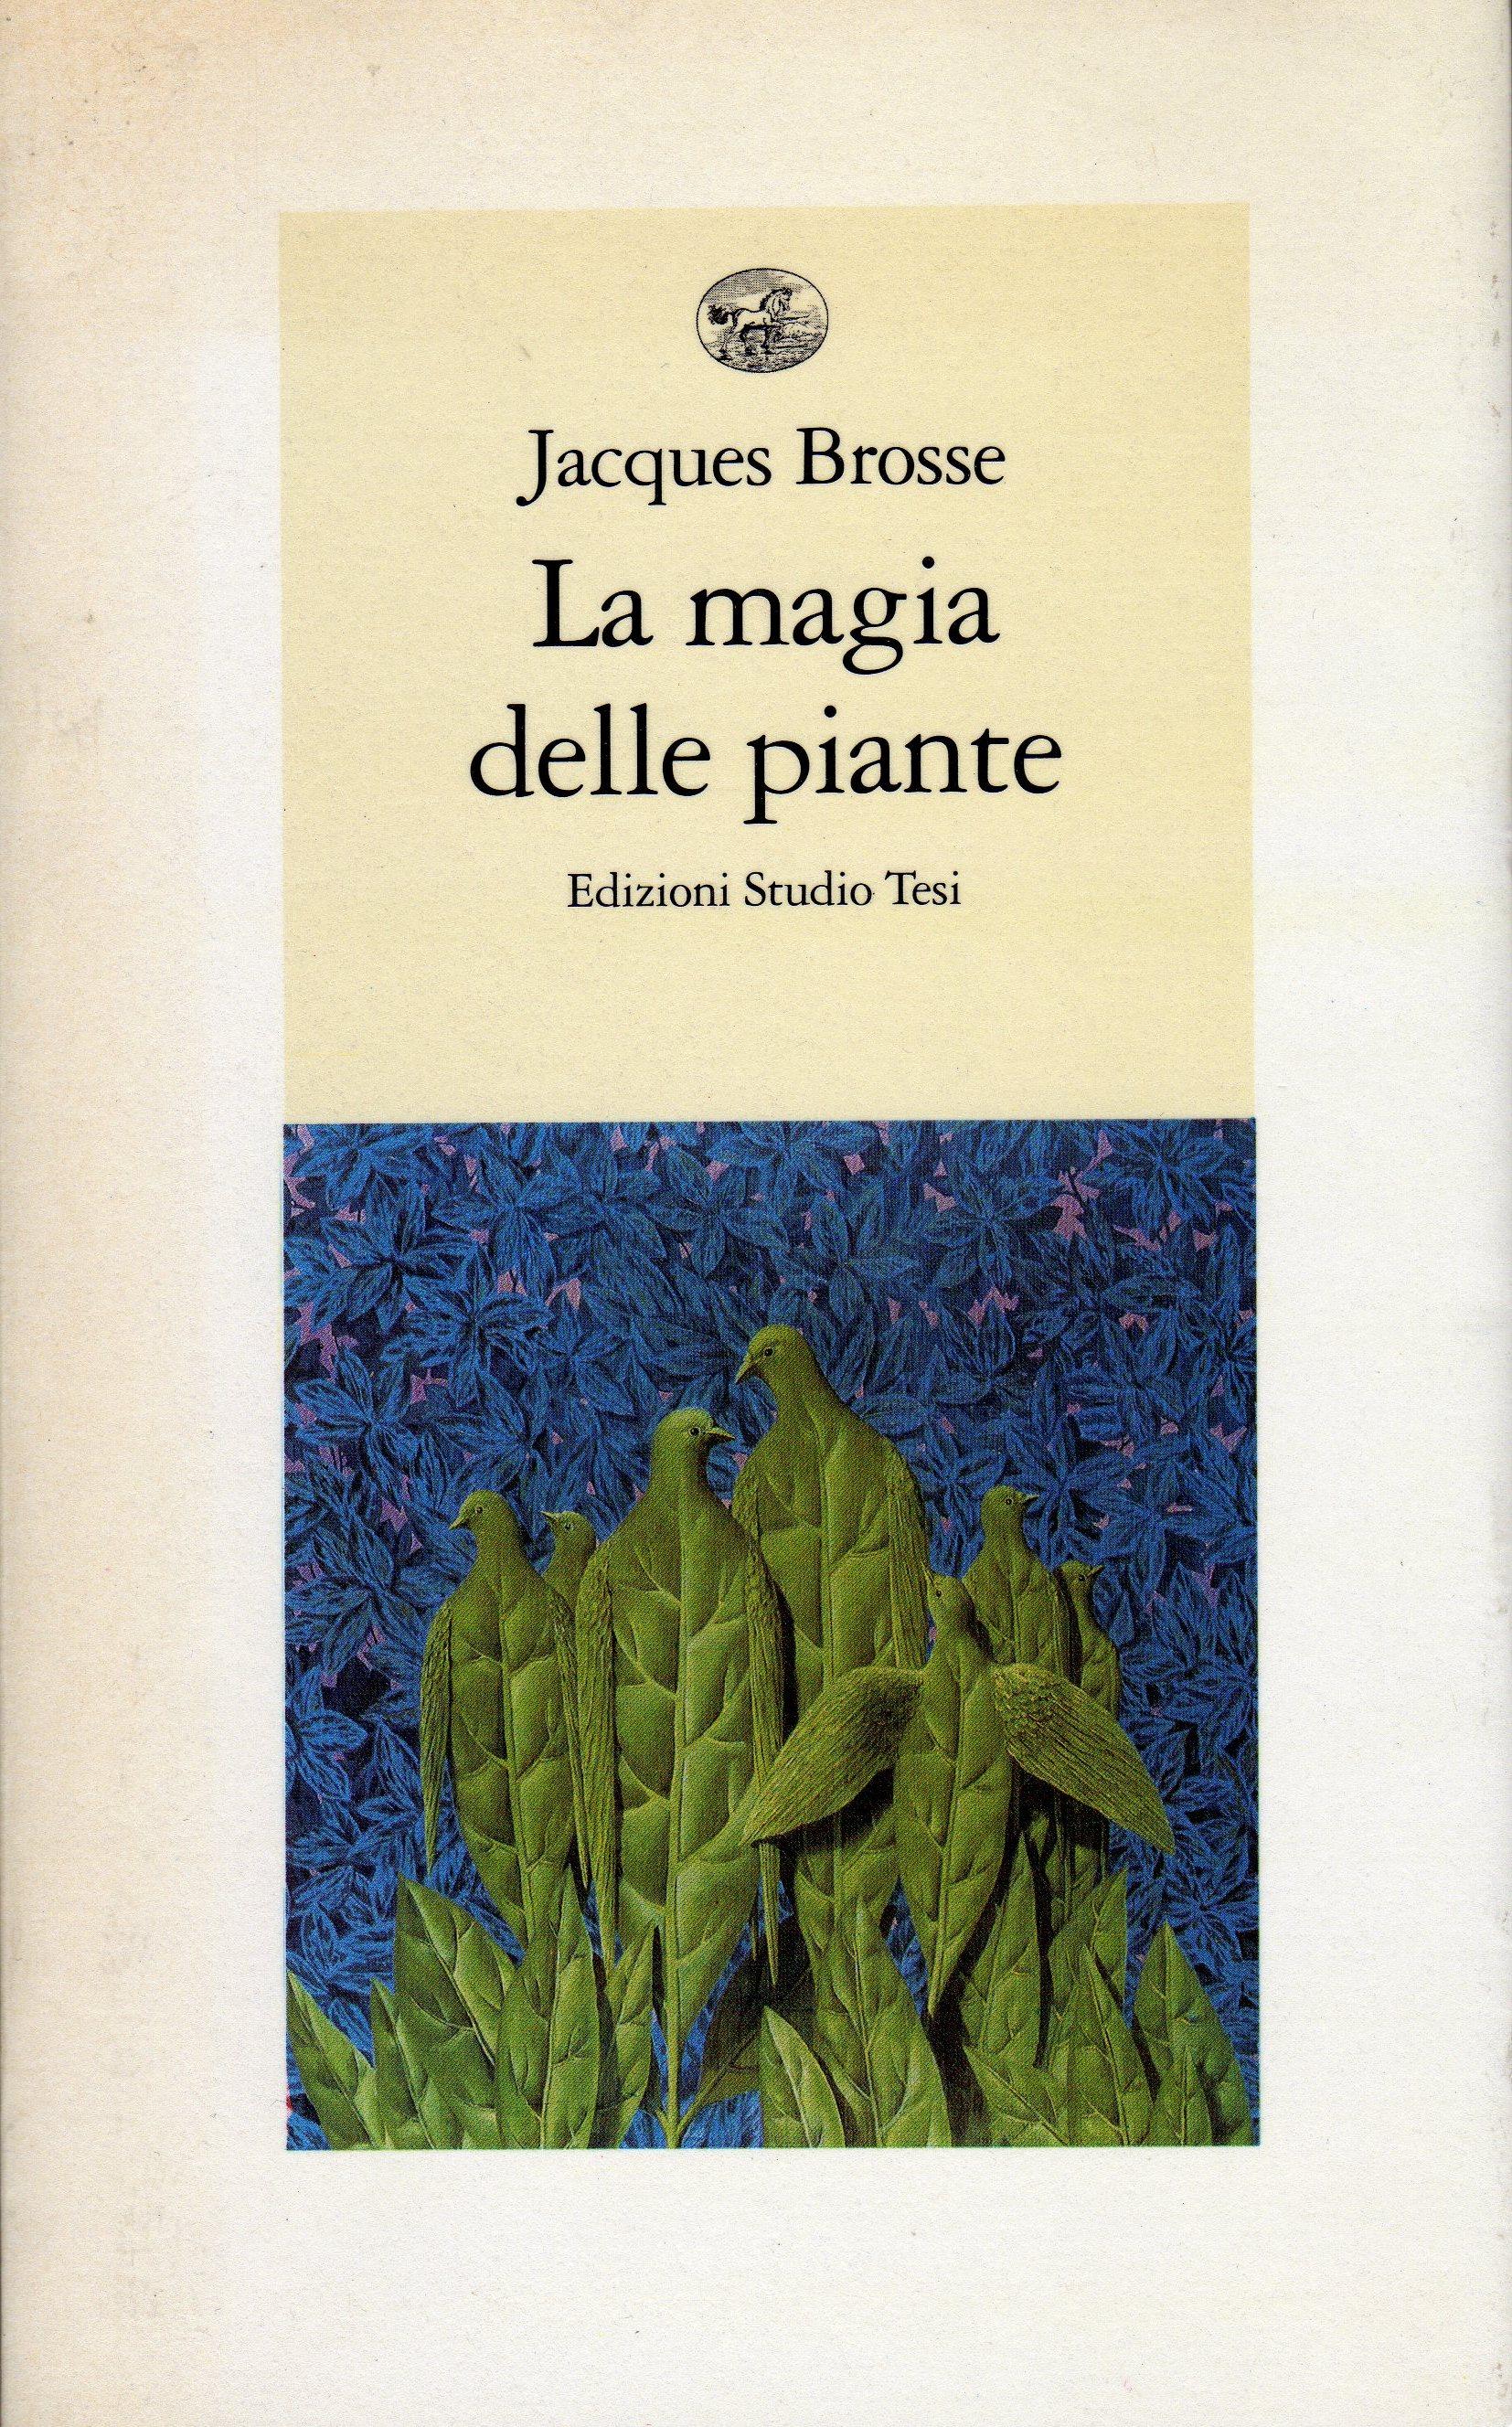 La magia delle piante